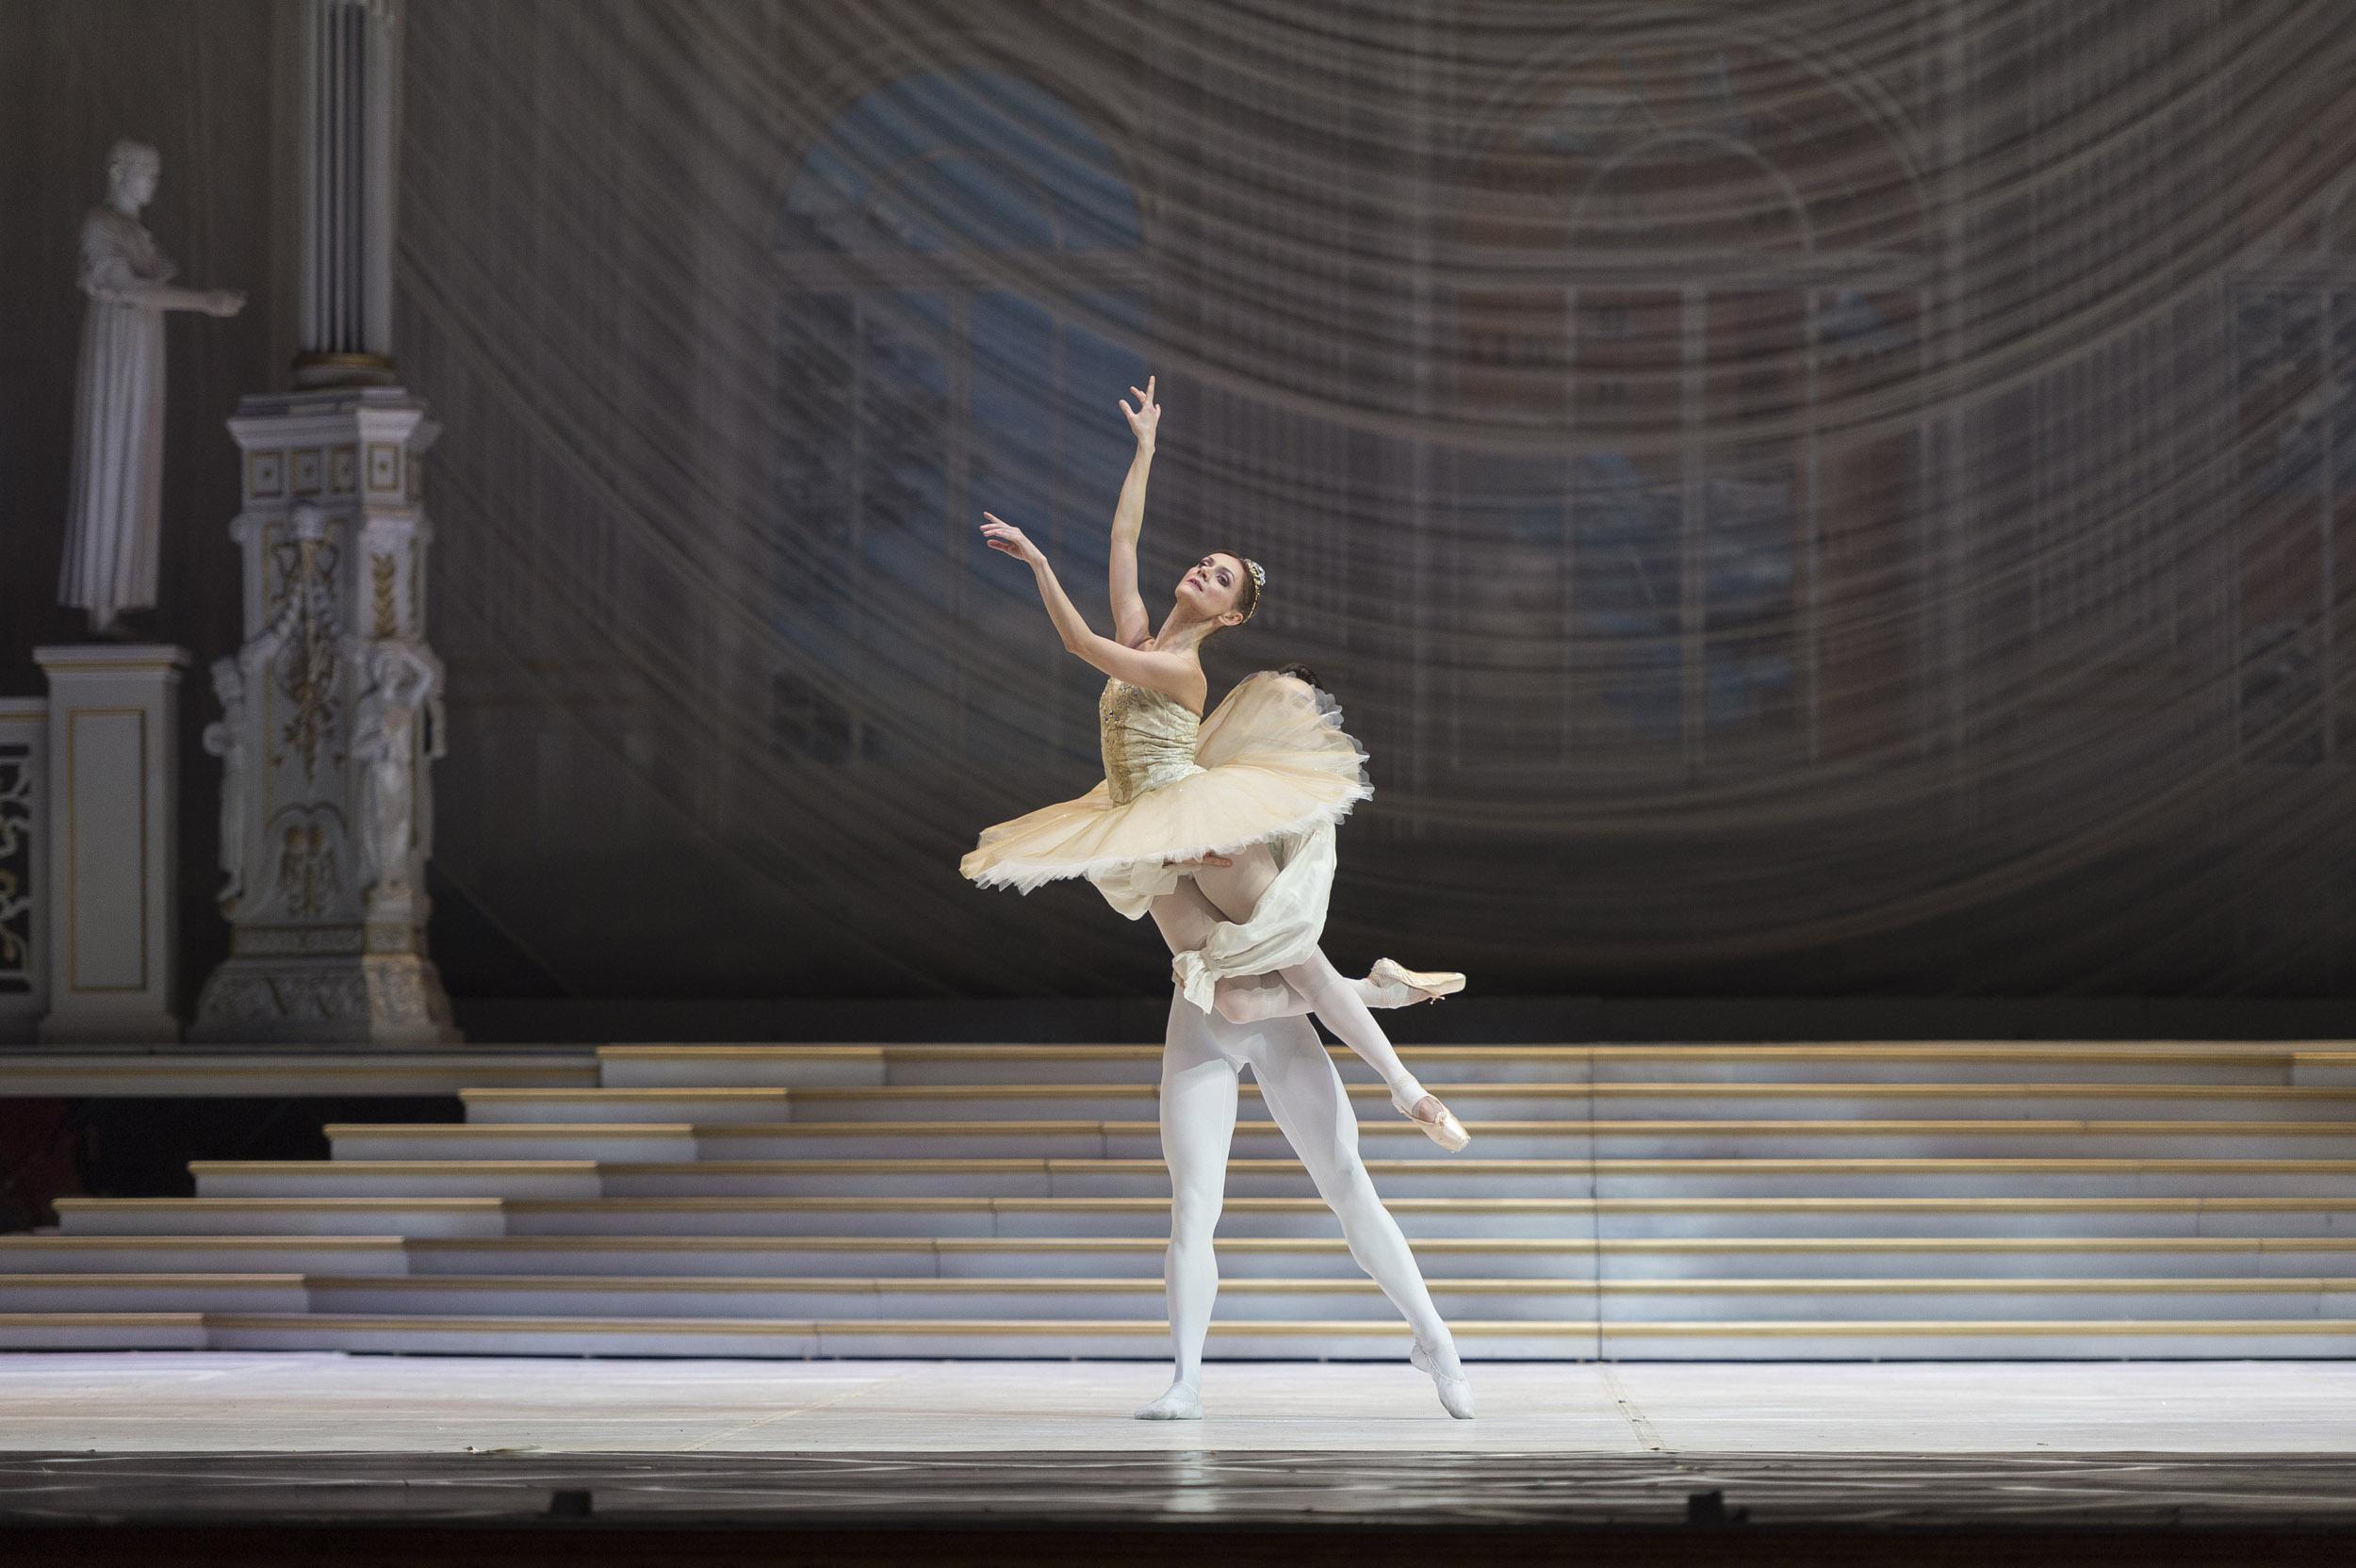 Giuseppe Picone, Cenerentola, Teatro San Carlo, Napoli 2017. Photo Francesco Squeglia